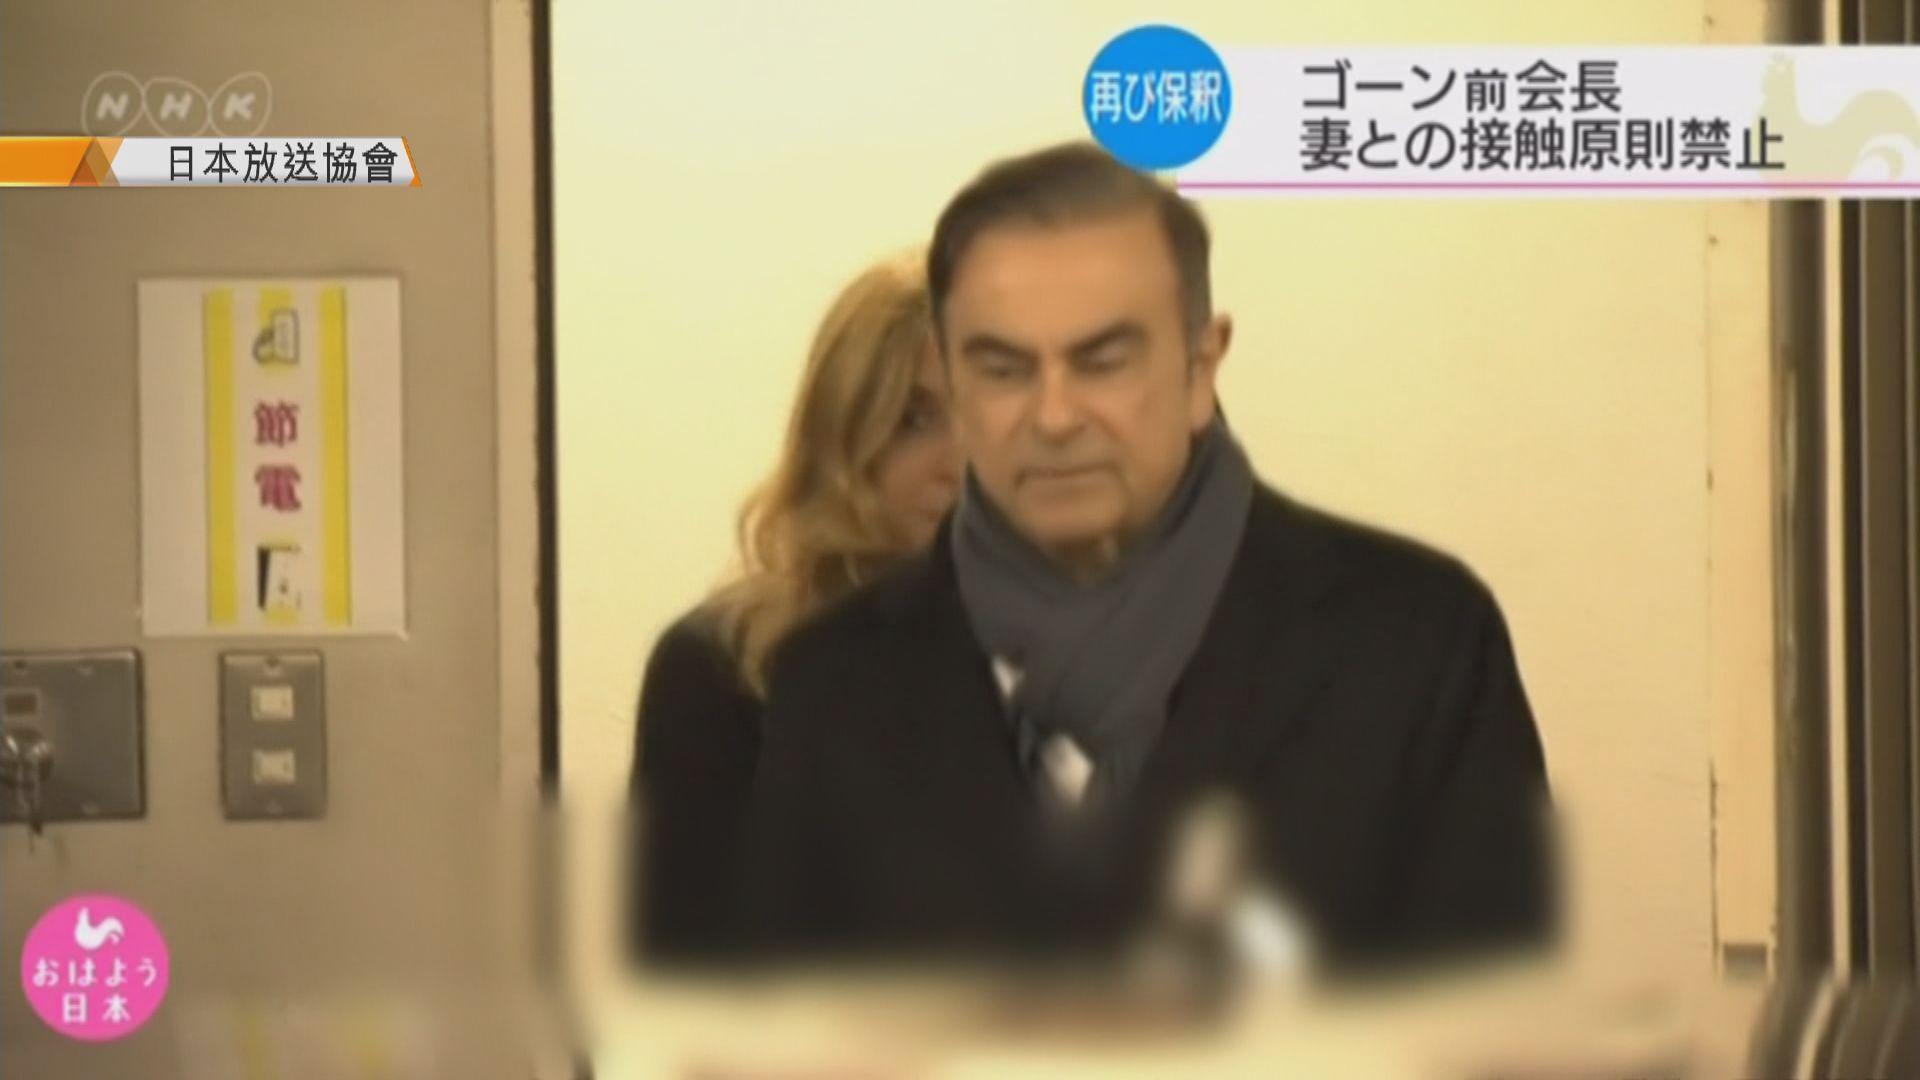 日產汽車前會長戈恩獲准以五億日圓保釋外出